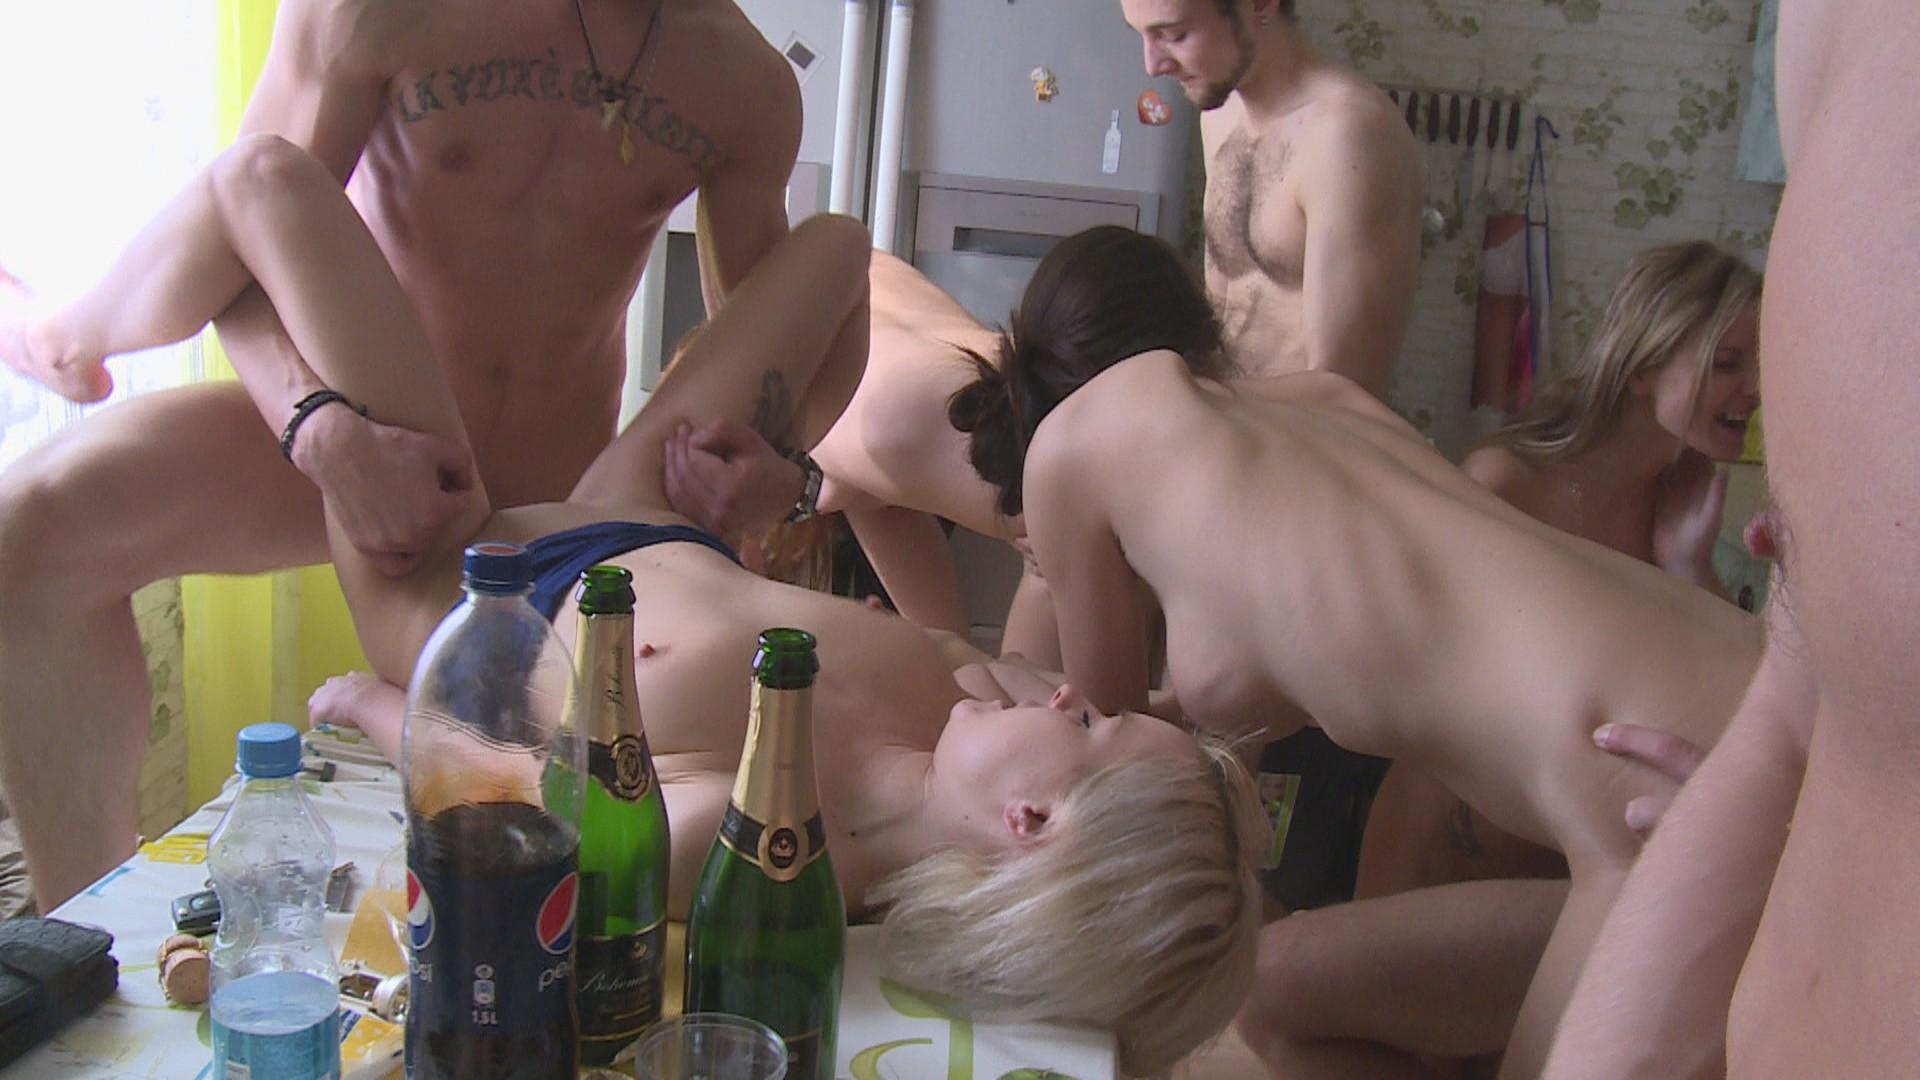 Русское порно при первой встрече, Первое Свидание Русское (найдено 97 порно видео.) 8 фотография